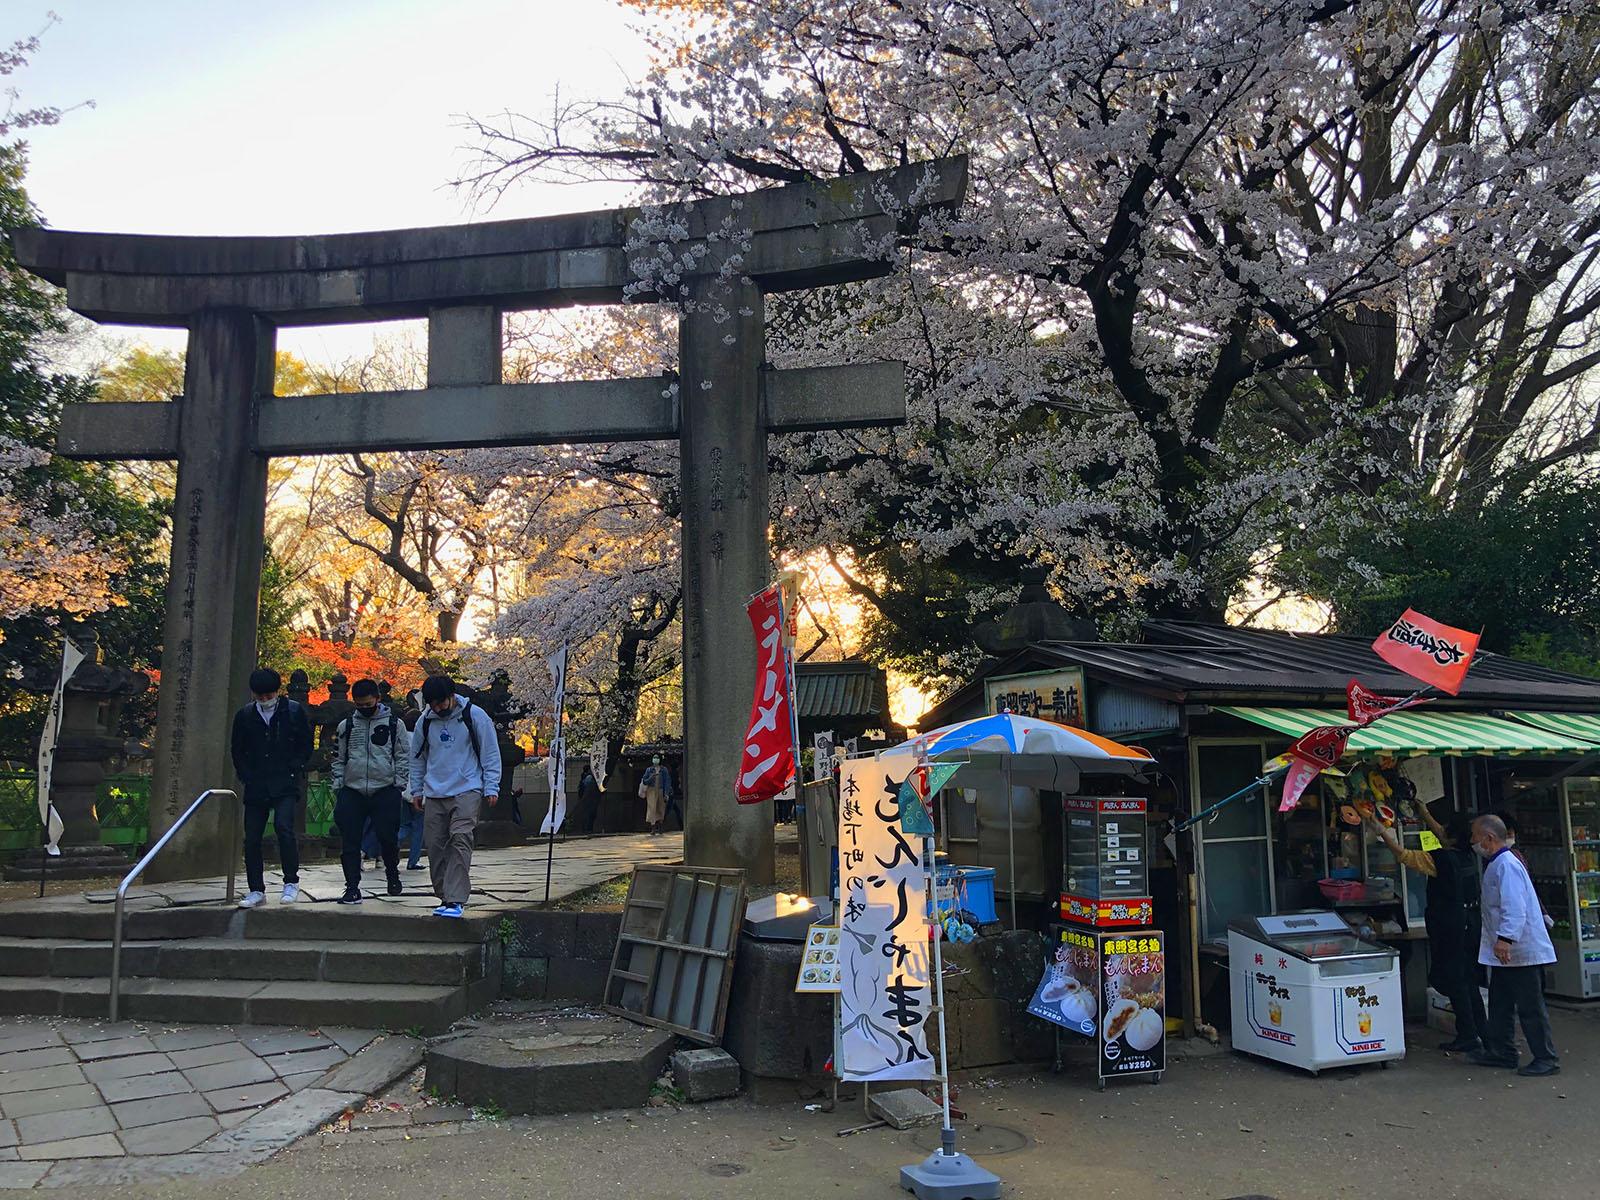 Torii de entrada al santuario de Toshogu, en el parque de Ueno de Tokio